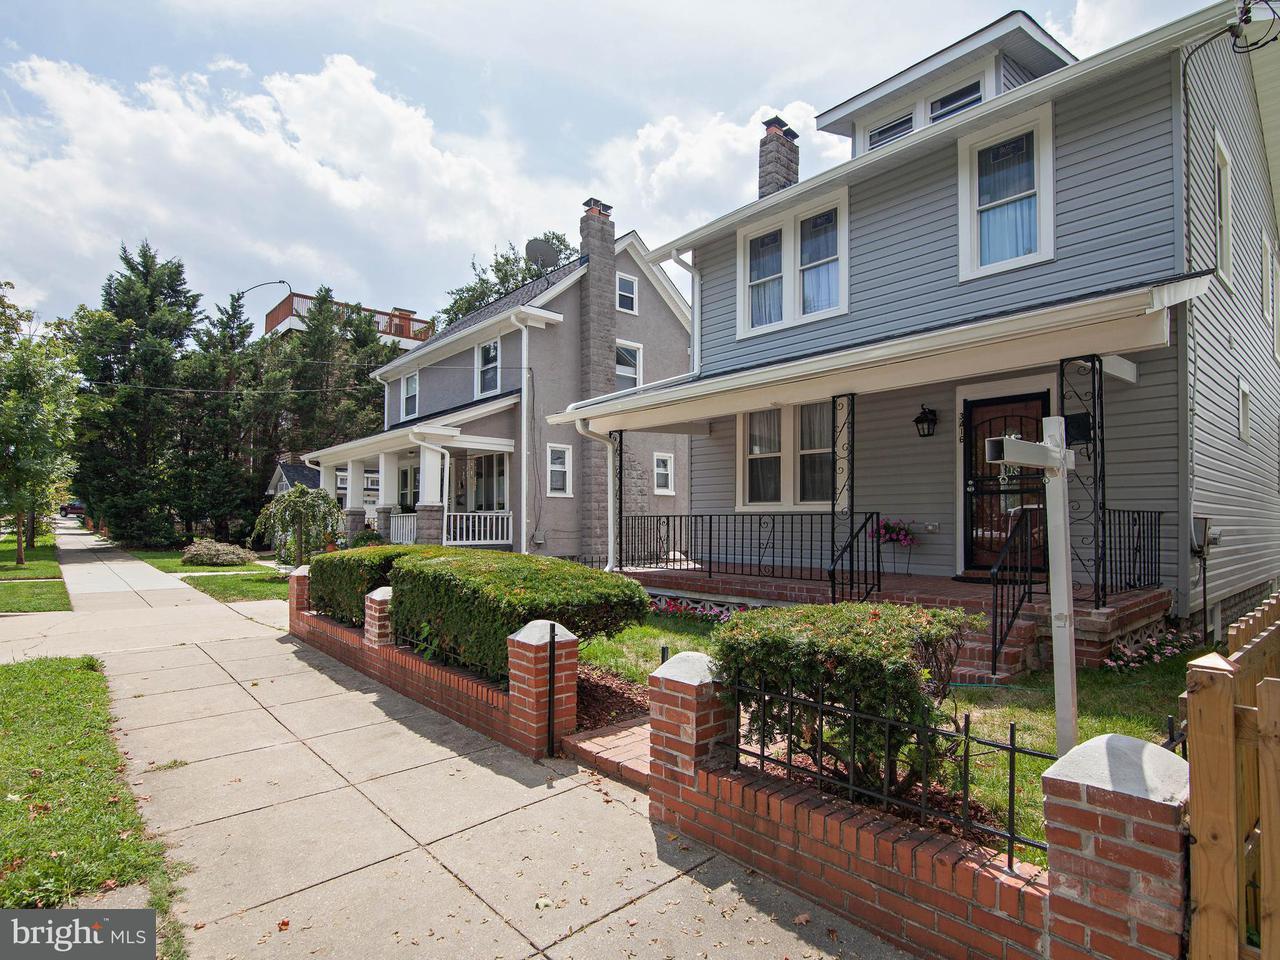 Частный односемейный дом для того Продажа на 3416 24TH ST NE 3416 24TH ST NE Washington, Округ Колумбия 20018 Соединенные Штаты